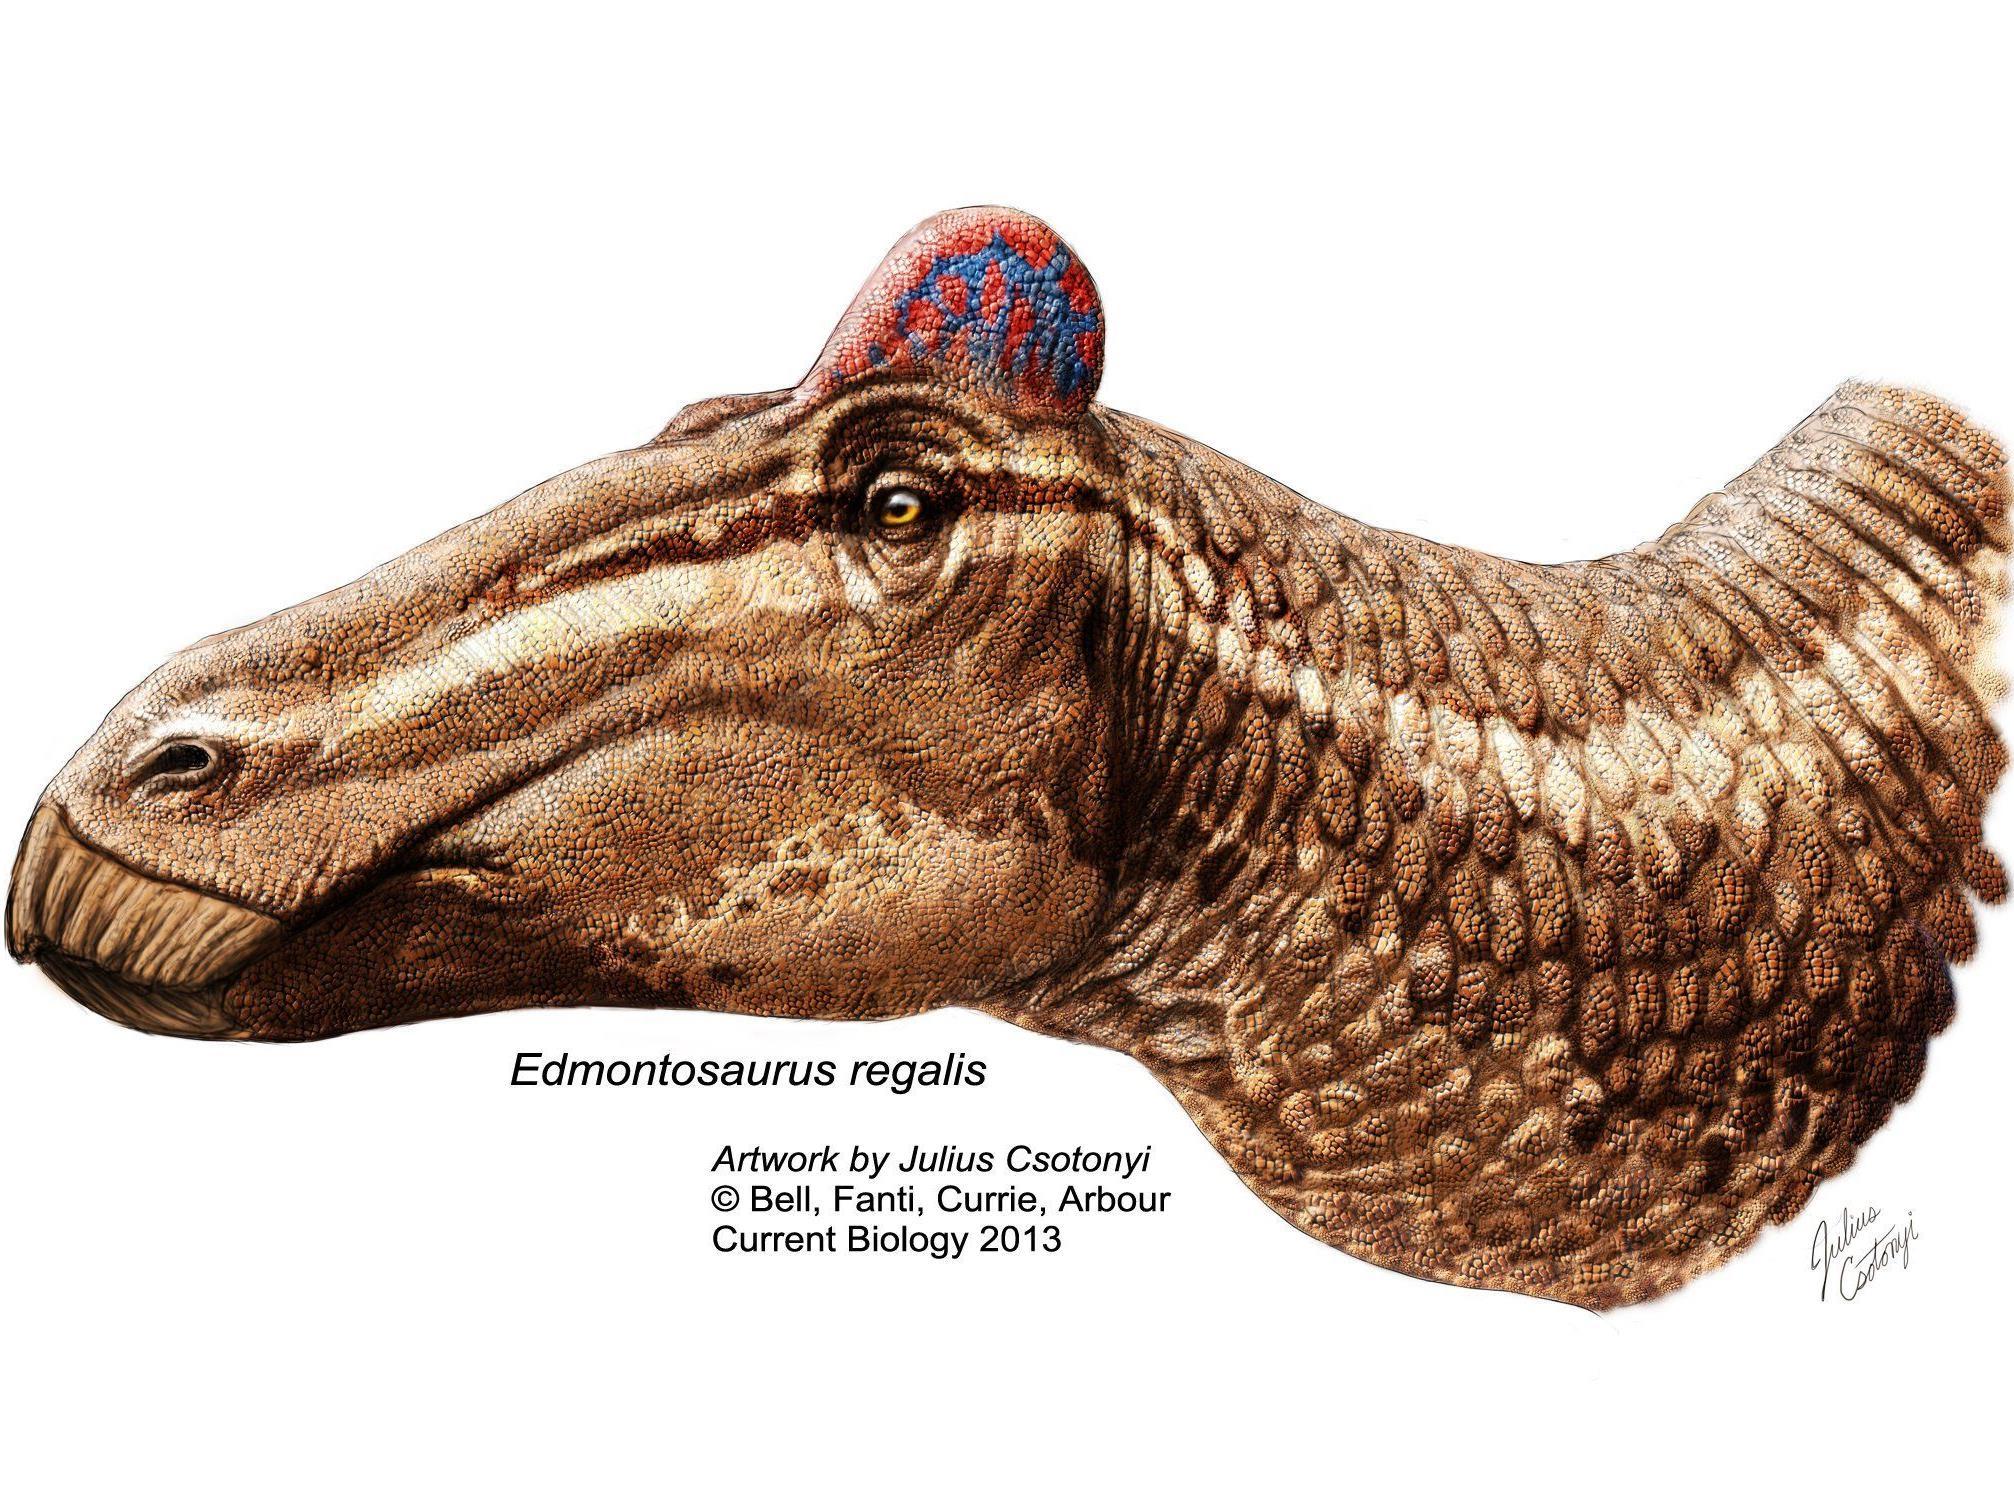 Die großen pflanzenfressenden Dinosaurier hatten zu ihrem Entenschnabel auch einen Kamm, ähnlich dem eines Hahnenkammes, auf dem Kopf.